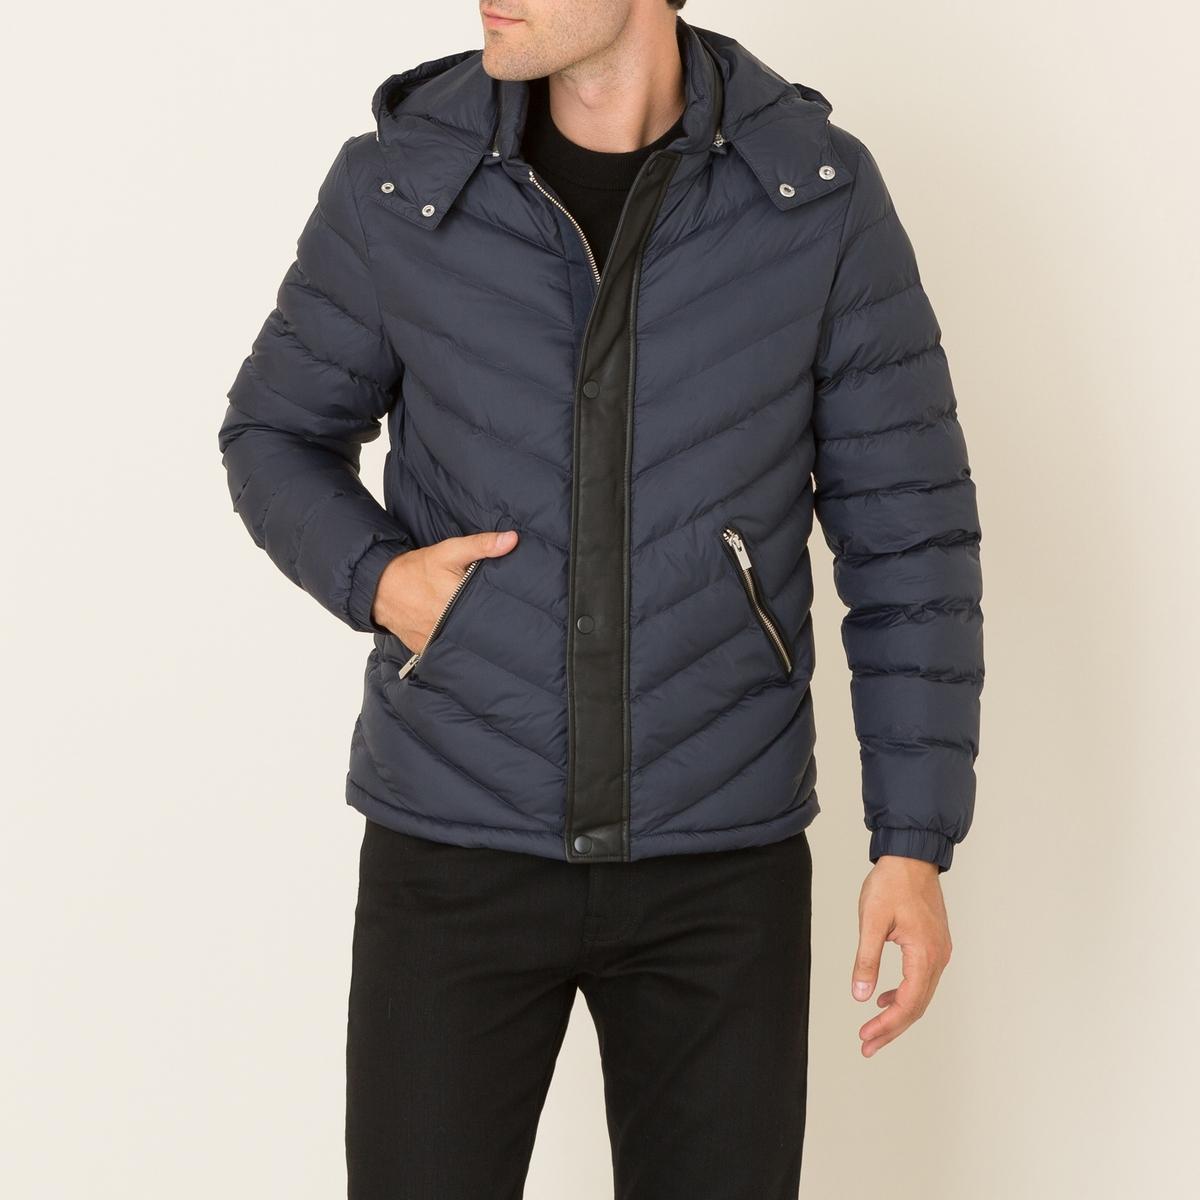 Куртка стёганая из двух материаловСостав и описание Материал : Текстиль: 100% полиамид Детали: 100% кожа ягненкаНаполнитель: 100% полиэстерПодкладка из 100% полиамида Подкладка карманов: 100% полиэстерМарка : THE KOOPLES<br><br>Цвет: темно-синий